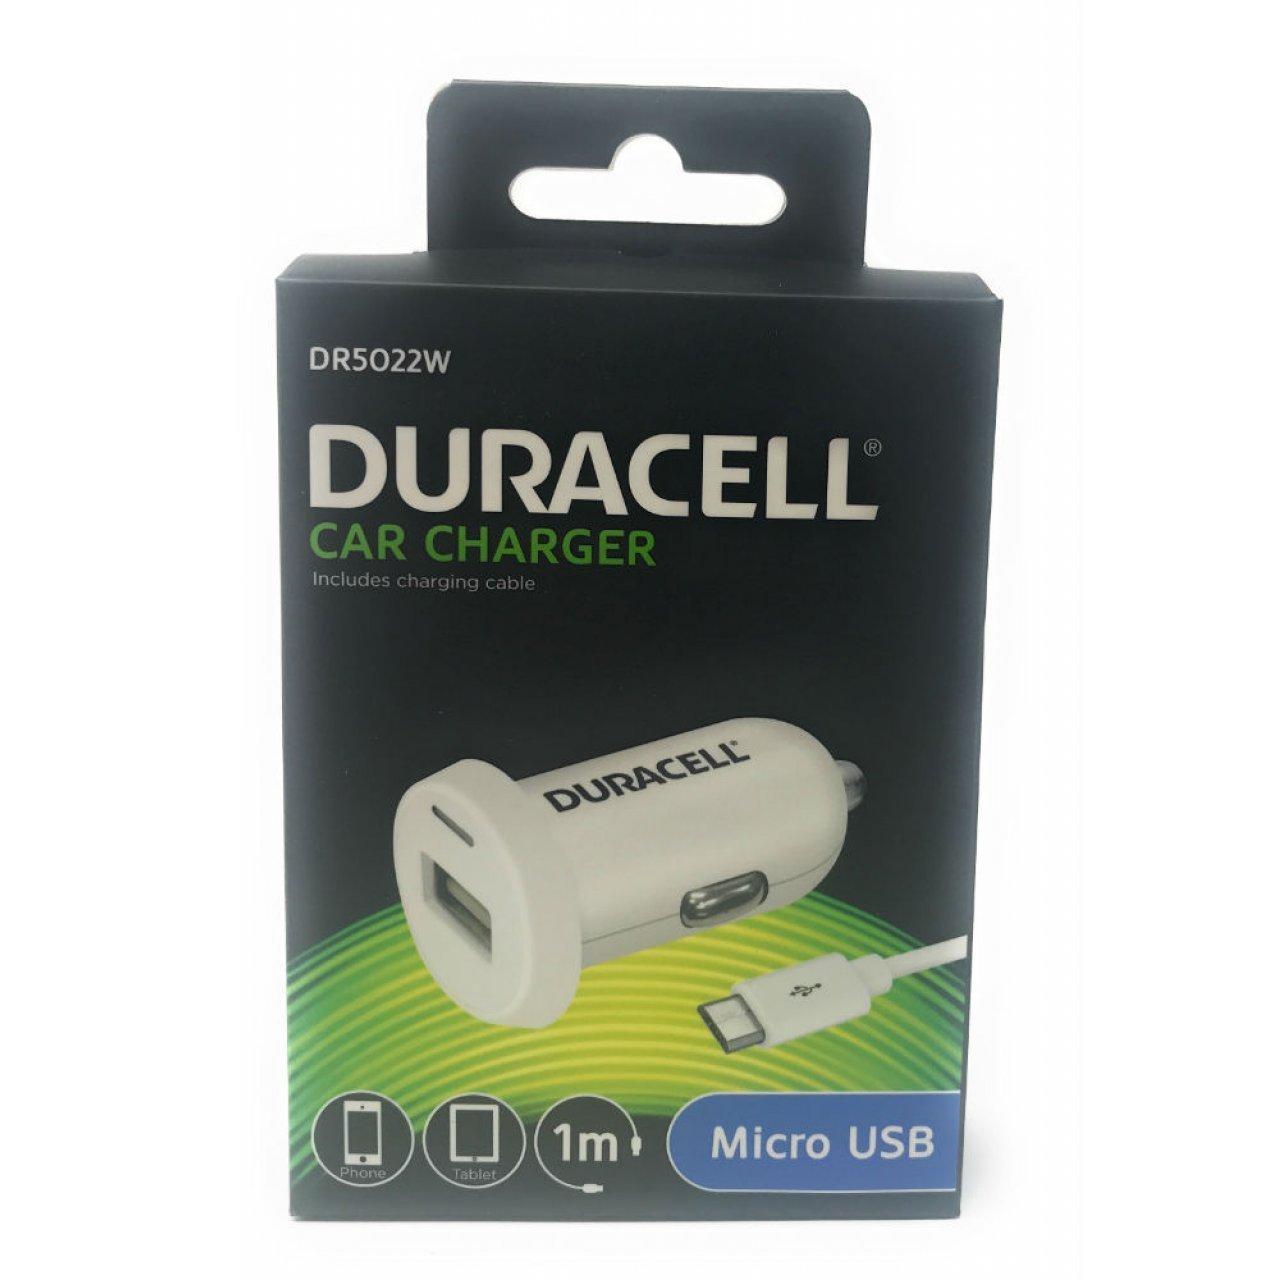 Duracell Cargador Adaptador de Coche con Micro-USB 2,4A ...